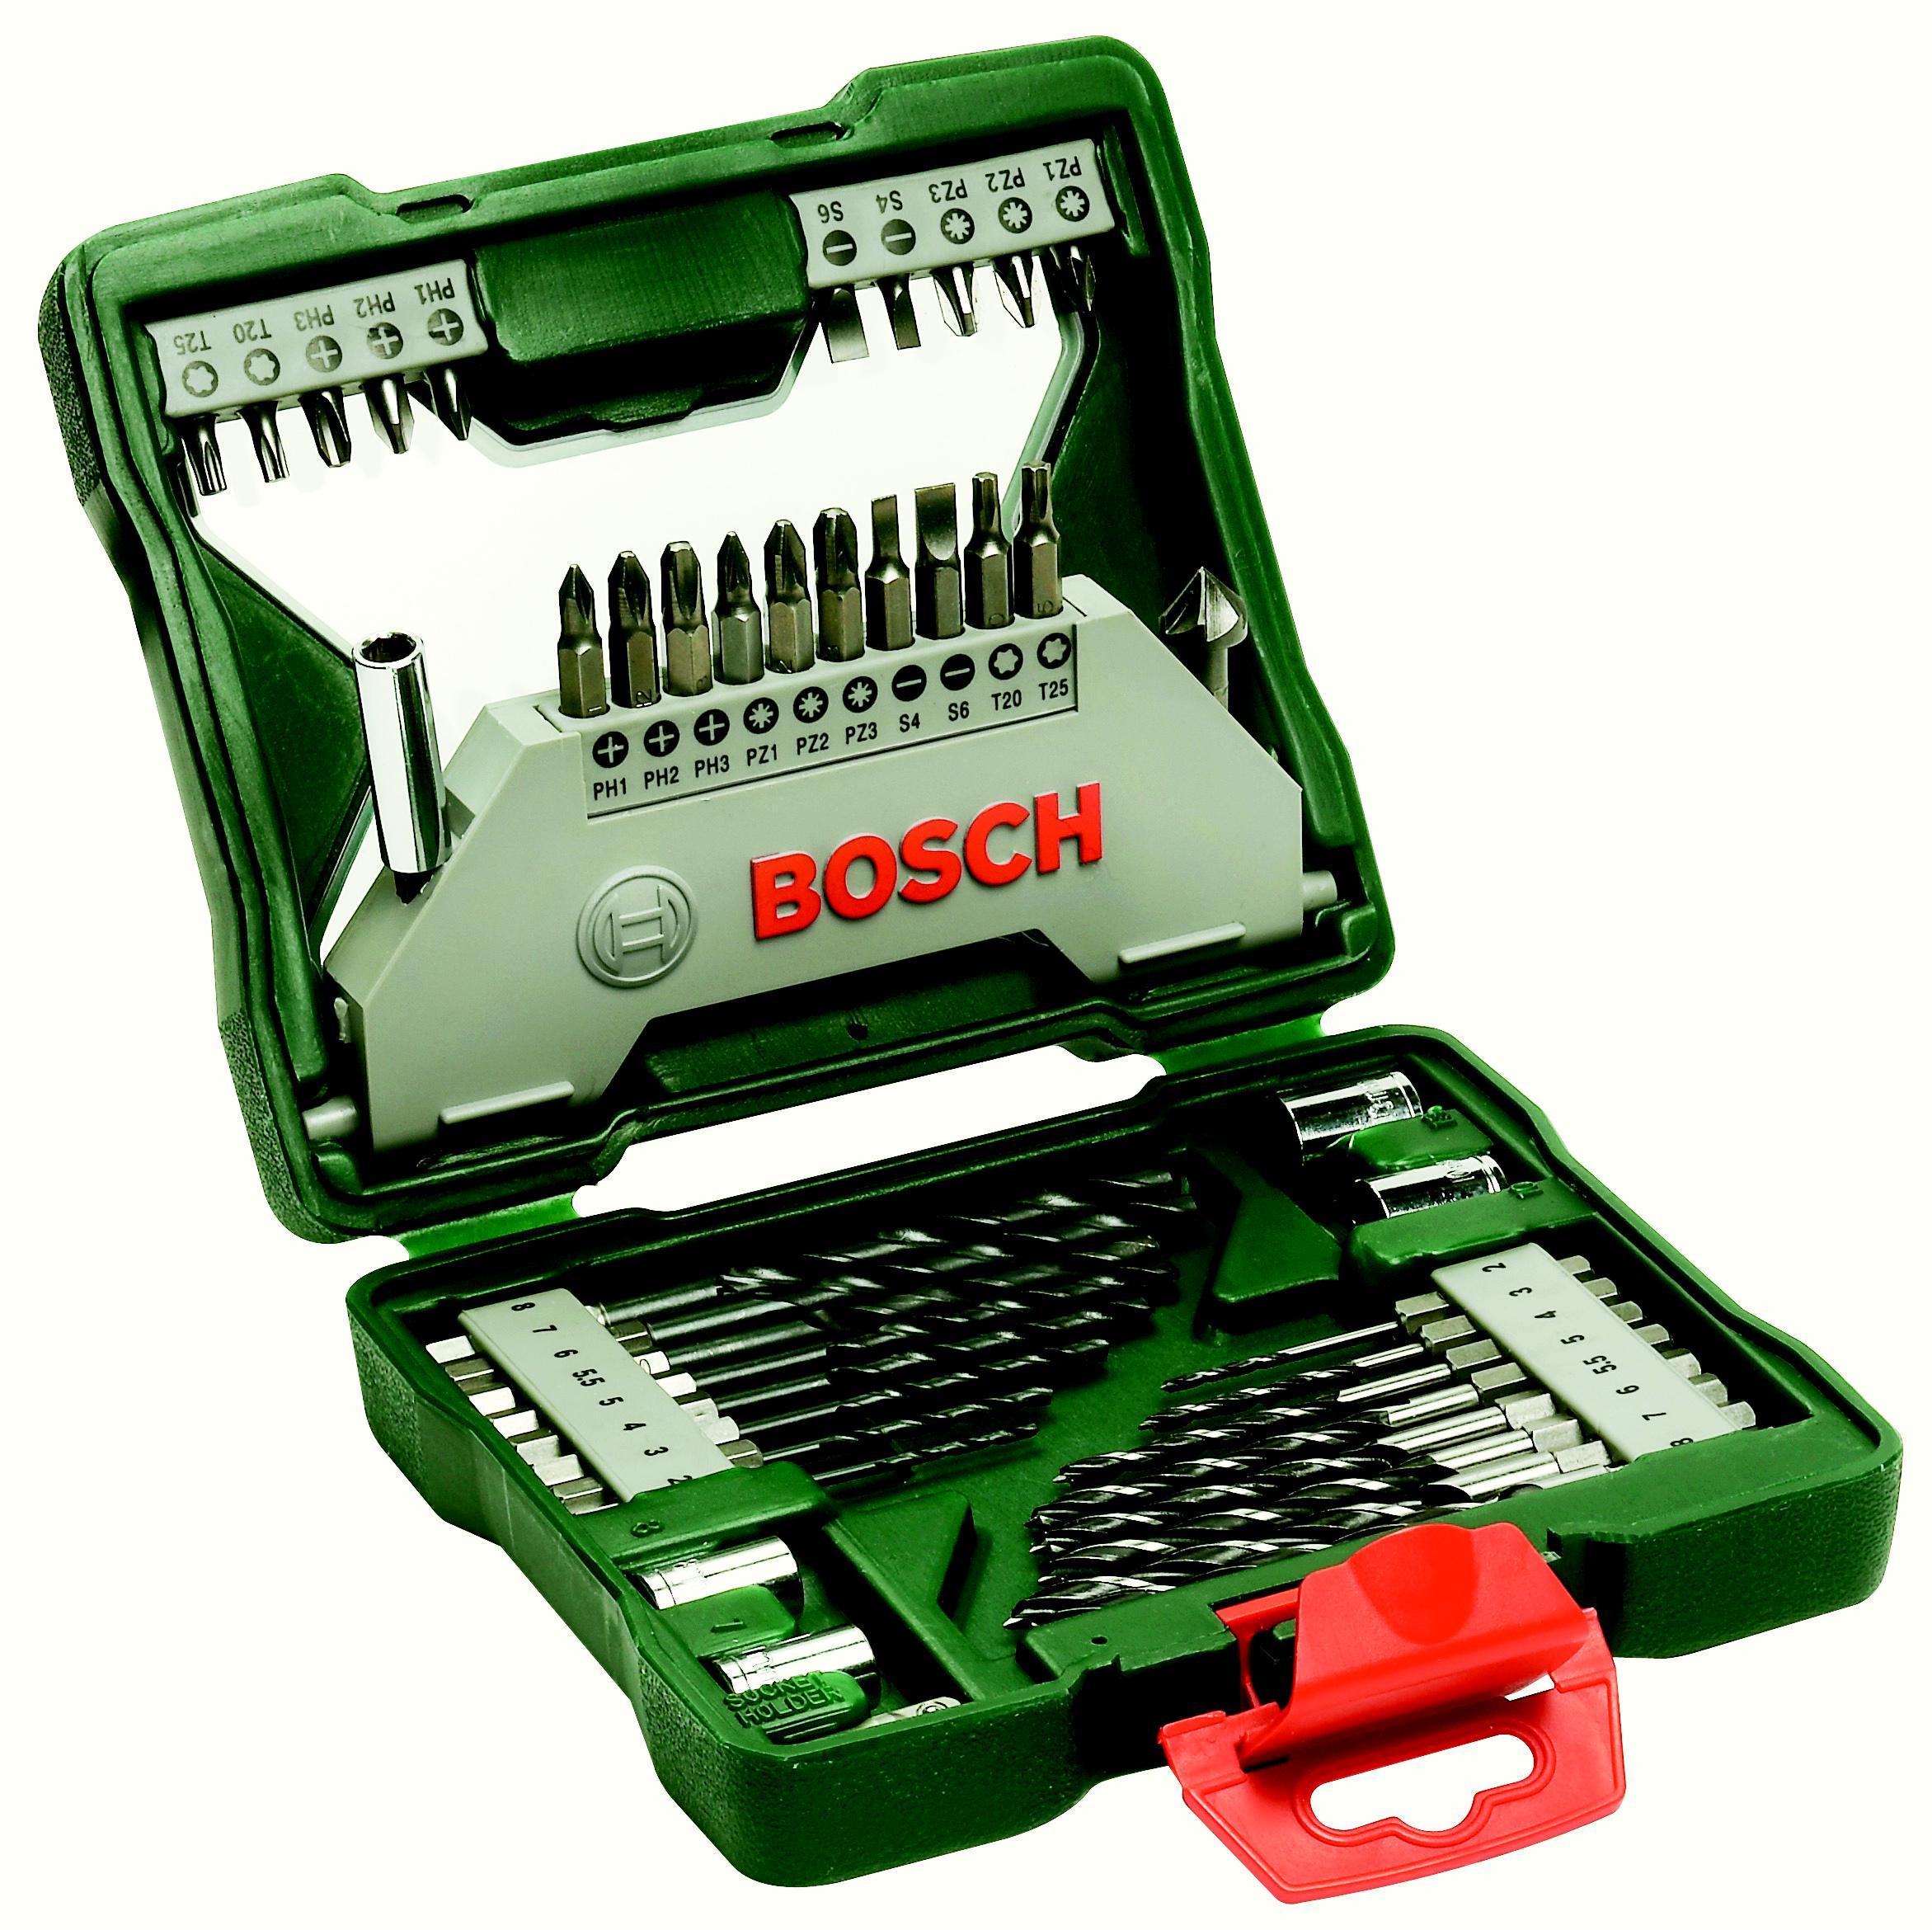 Набор бит и сверл Bosch X-line 43 шестигранный (2.607.019.613) набор бит и сверел bosch x line titanium 2607019329